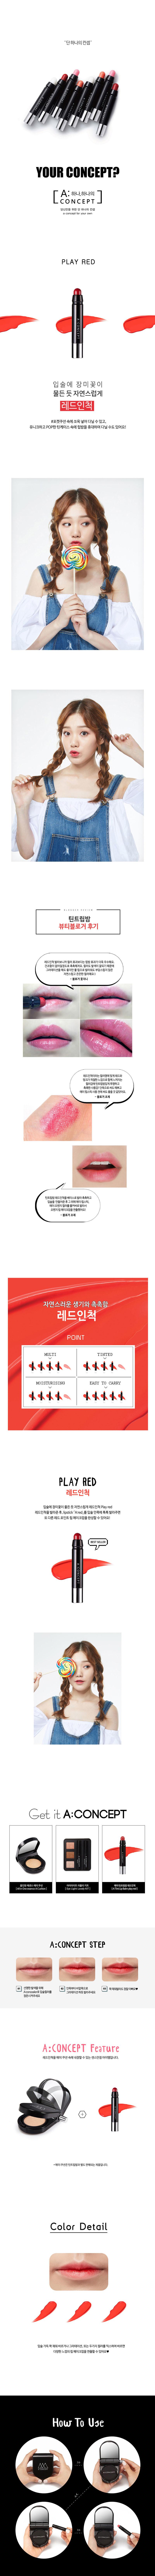 틴트립밤 레드인척 - 에이컨셉, 12,000원, 립메이크업, 립스틱